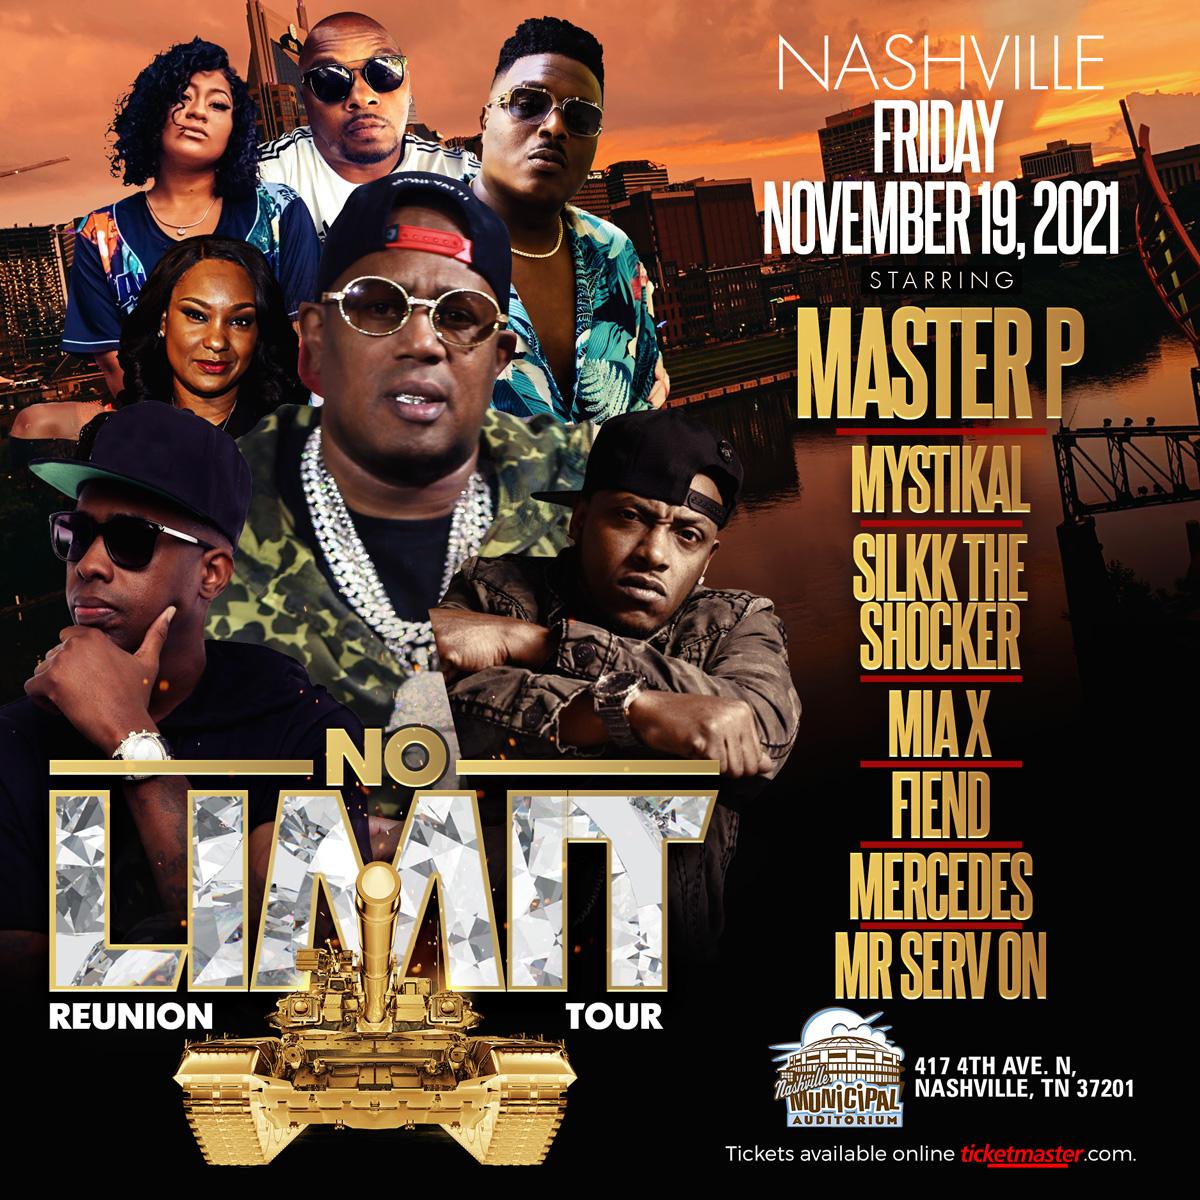 The No Limit Tour – Nashville